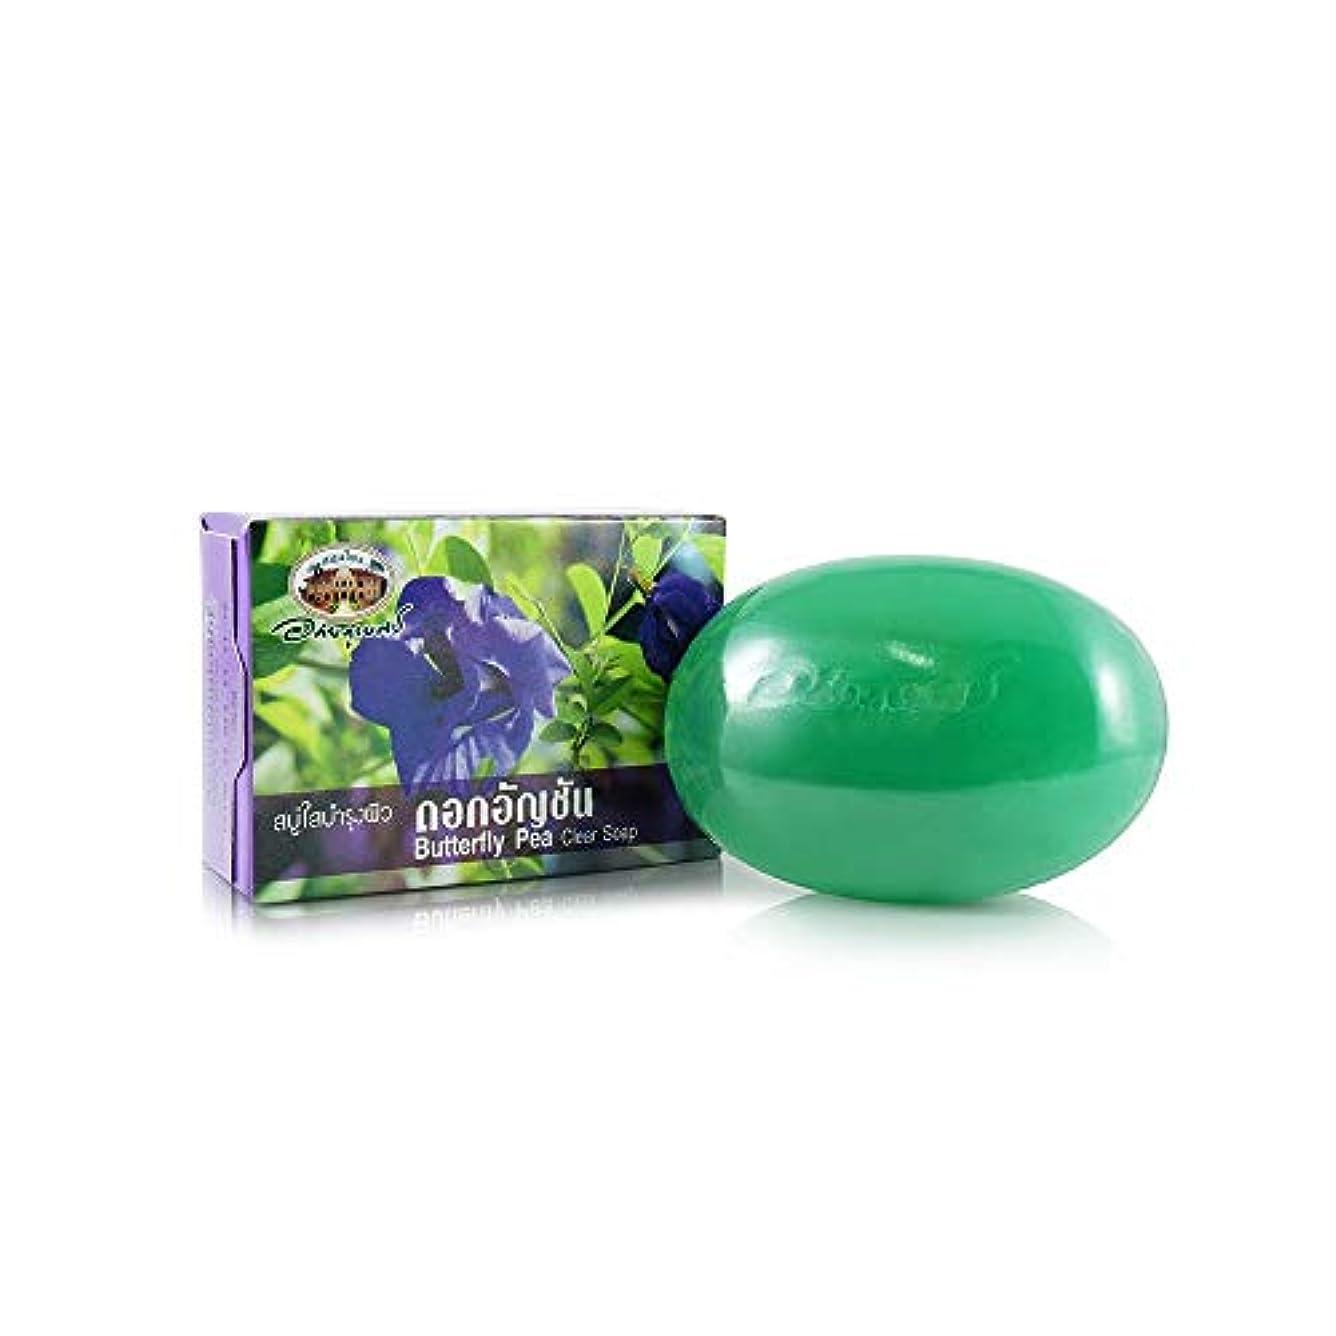 かび臭いピケつぼみAbhaibhubejhr Pea Flowers Vitamin E Herbal Body Cleaning Soap 100g. Abhaibhubejhrピー花ビタミンEハーブボディクリーニングソープ100グラム。